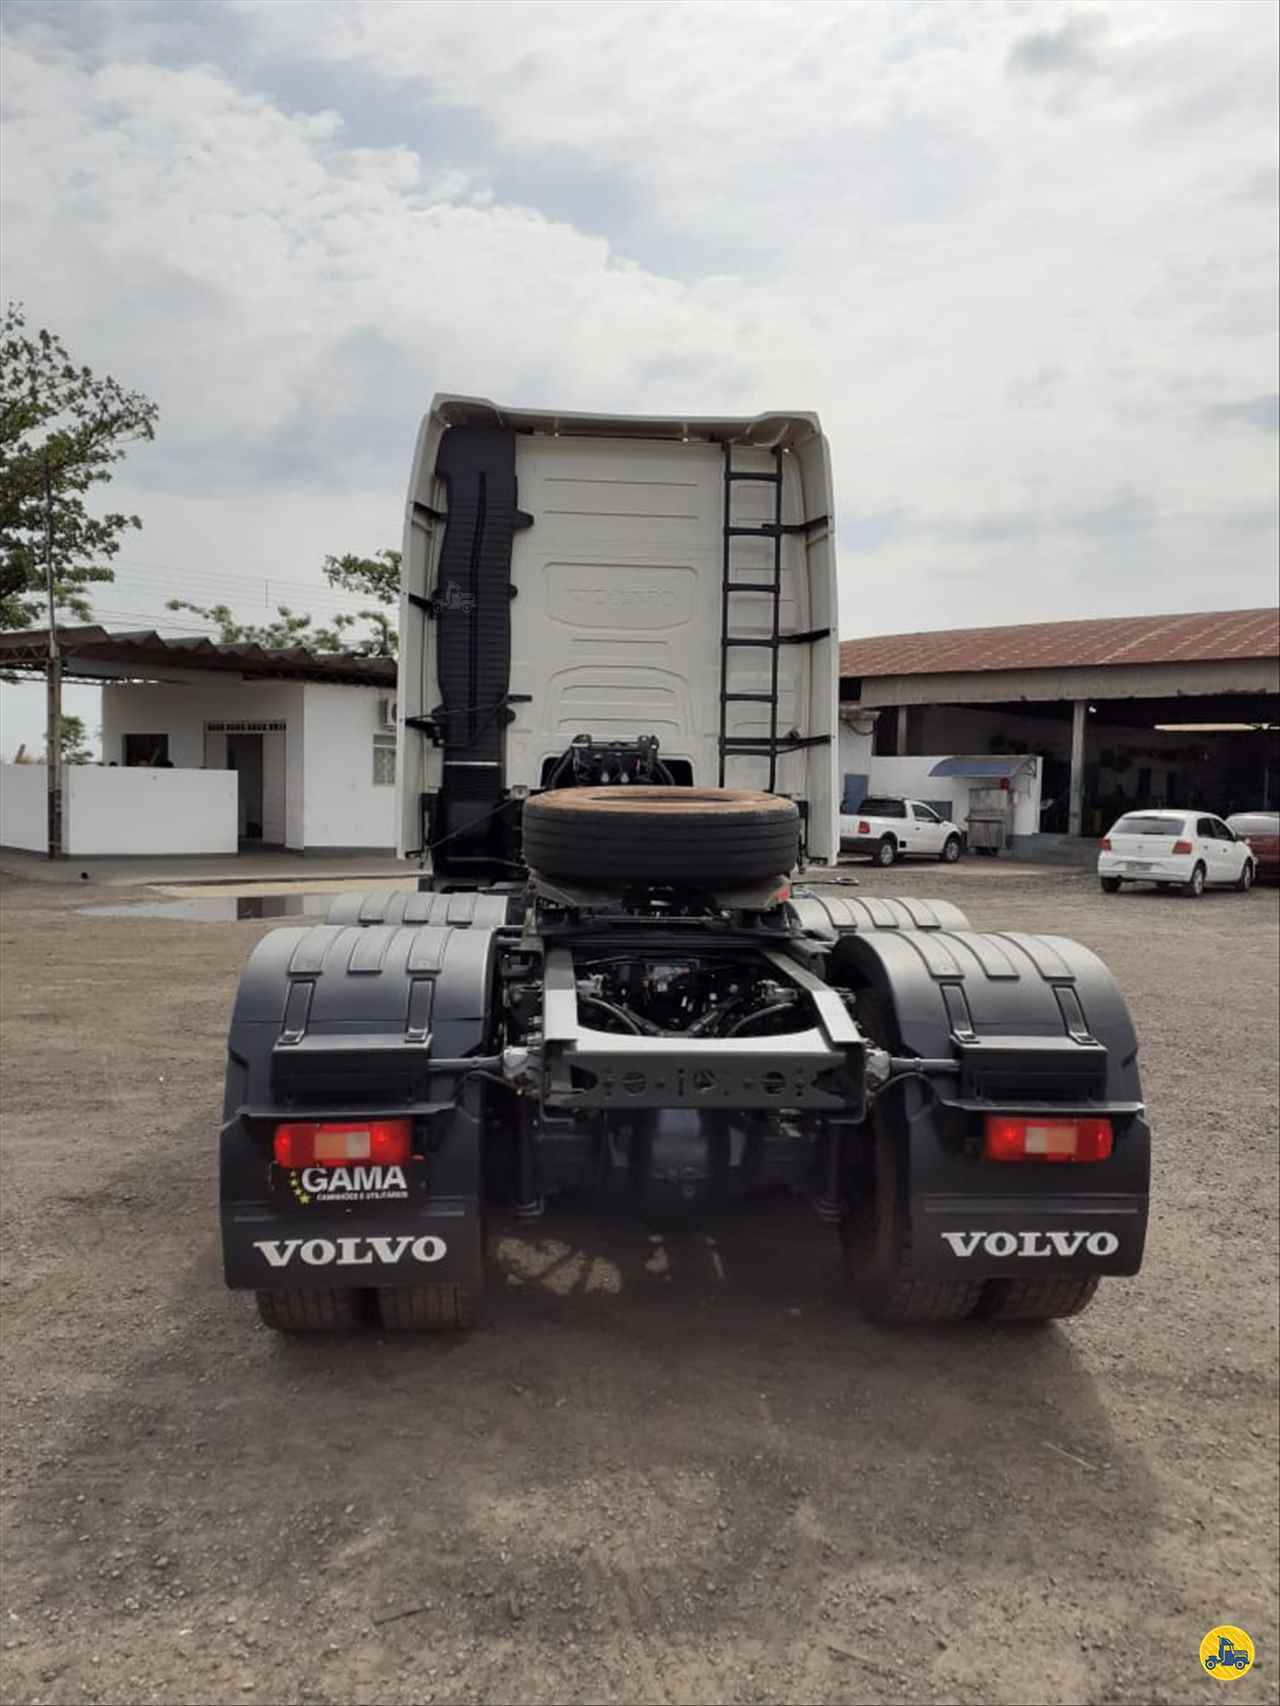 VOLVO VOLVO FH 540 292000km 2018/2018 Gama Caminhões e Utilitários